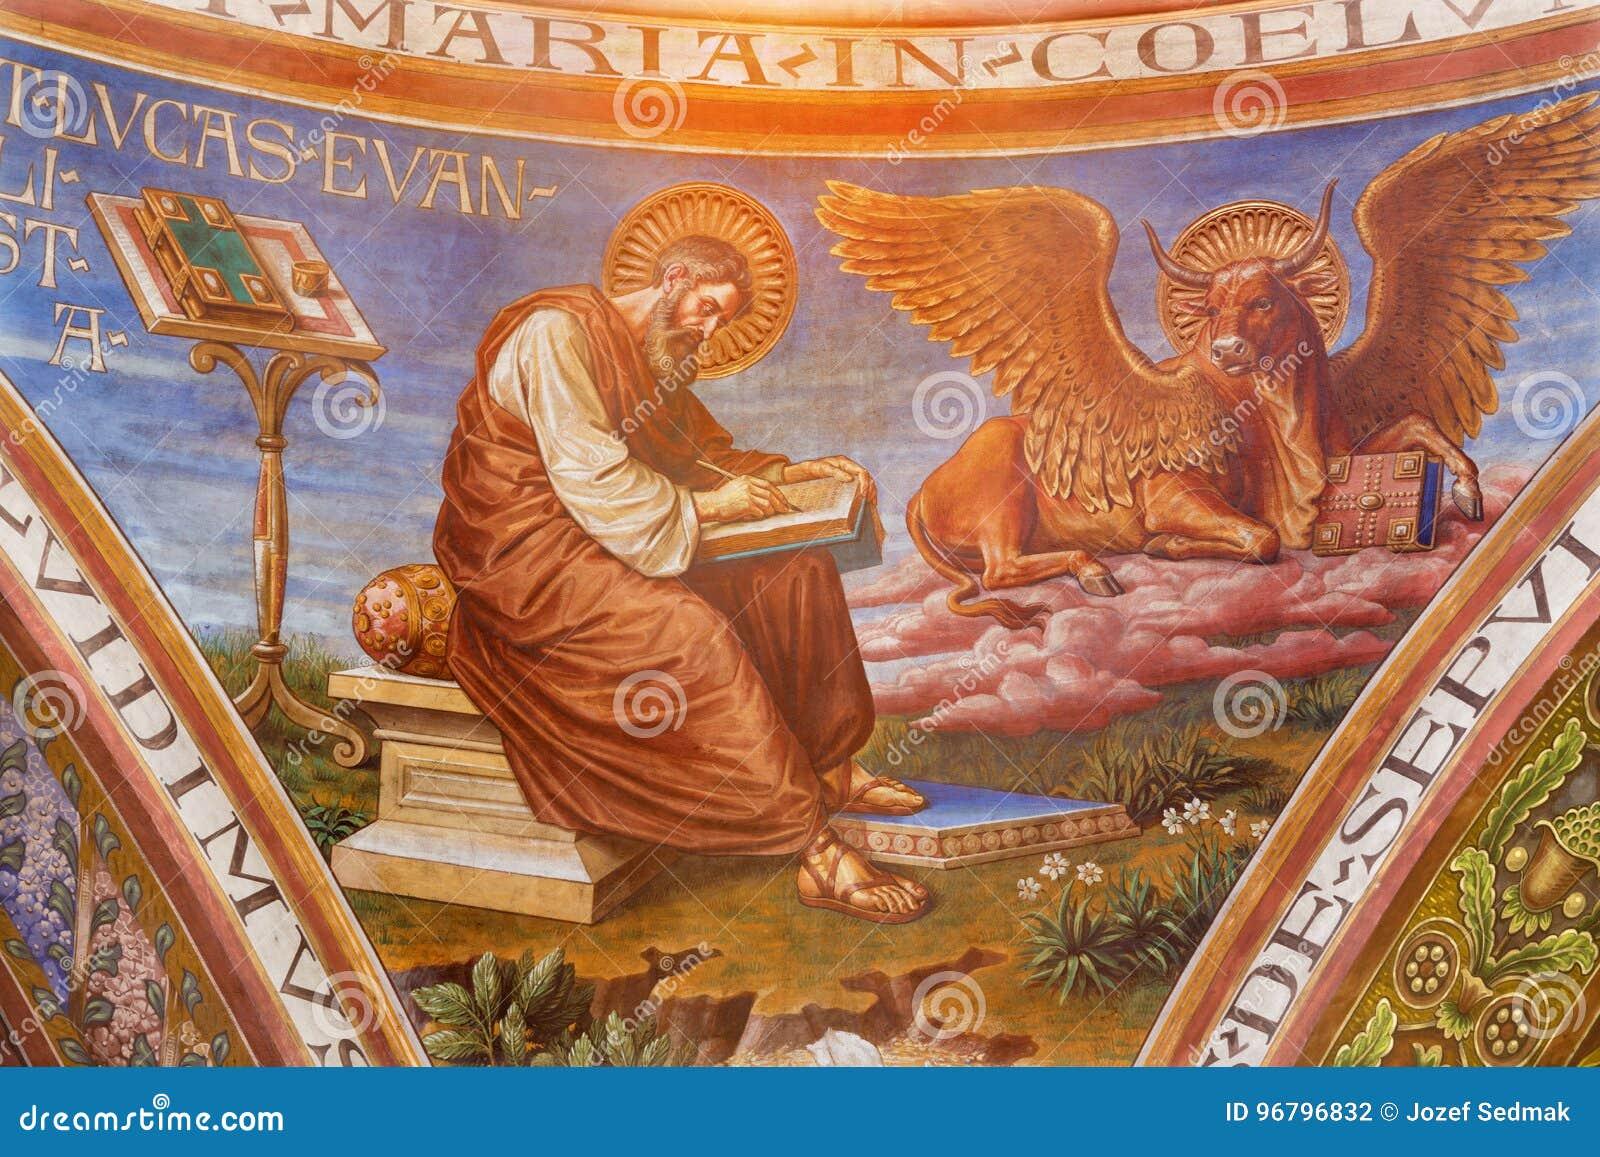 БЕРЛИН, ГЕРМАНИЯ, 15 -ГО ФЕВРАЛЬ -, 2017: Фреска St Luke евангелист в куполке базилики Rosenkranz